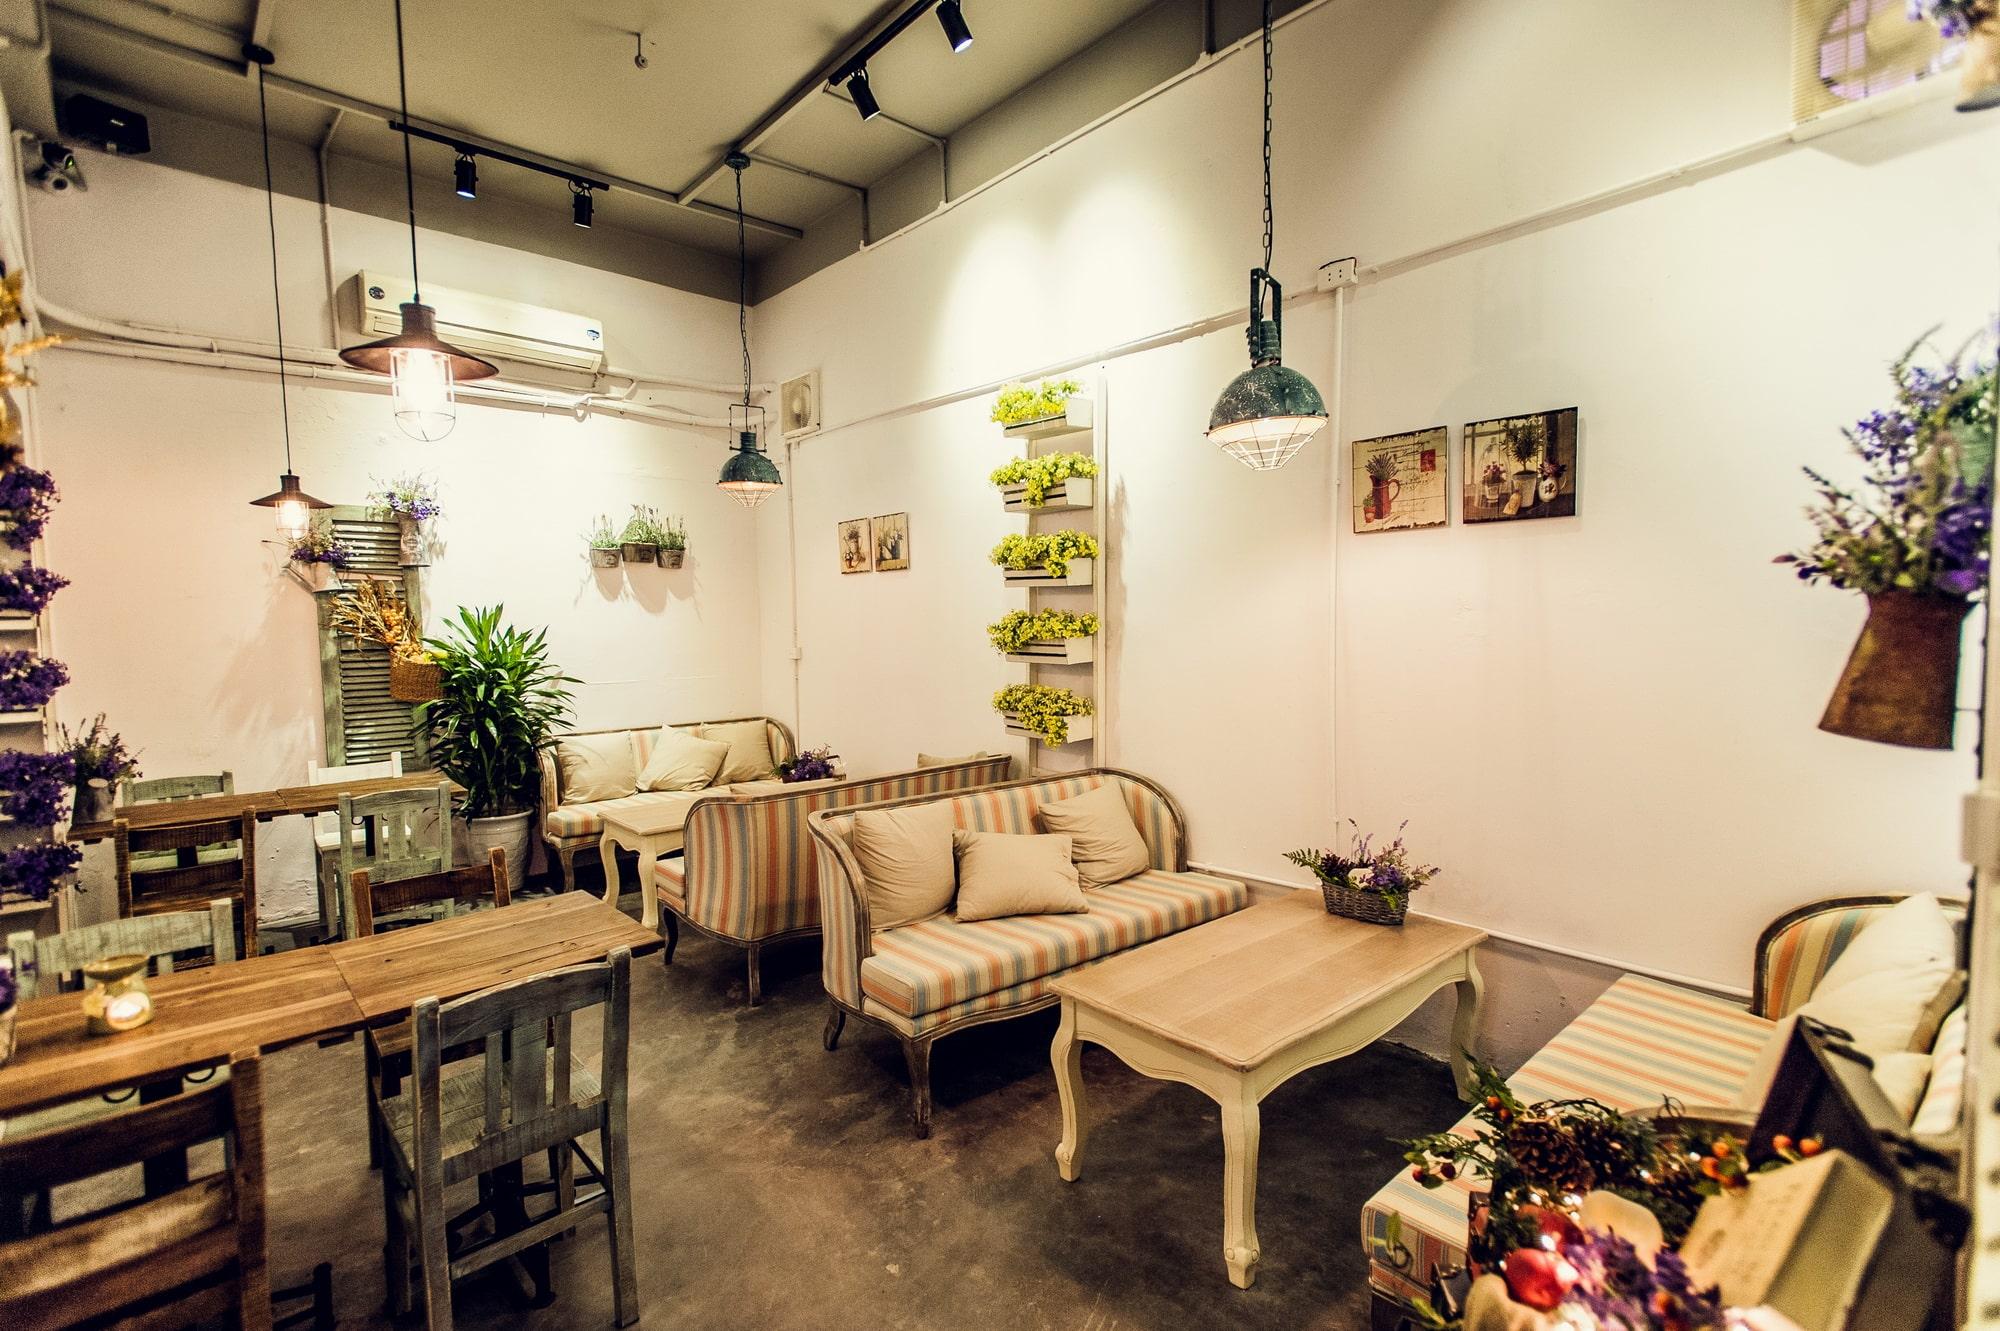 thiet-ke-noi-that-quan-cafe-dep-01-min